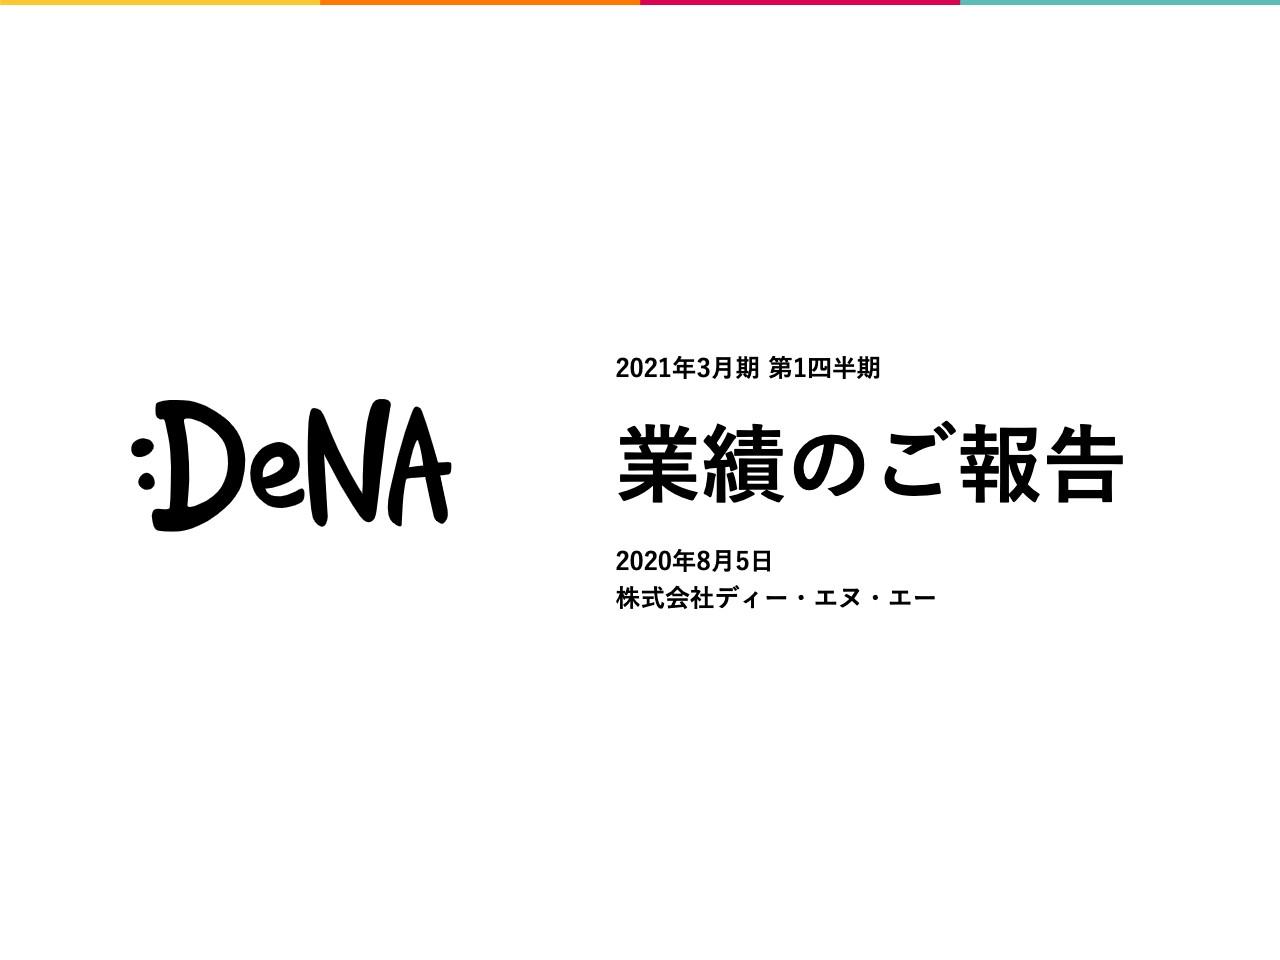 DeNA、ゲーム事業とライブストリーミング事業が順調に推移し1Qの営業利益は黒字